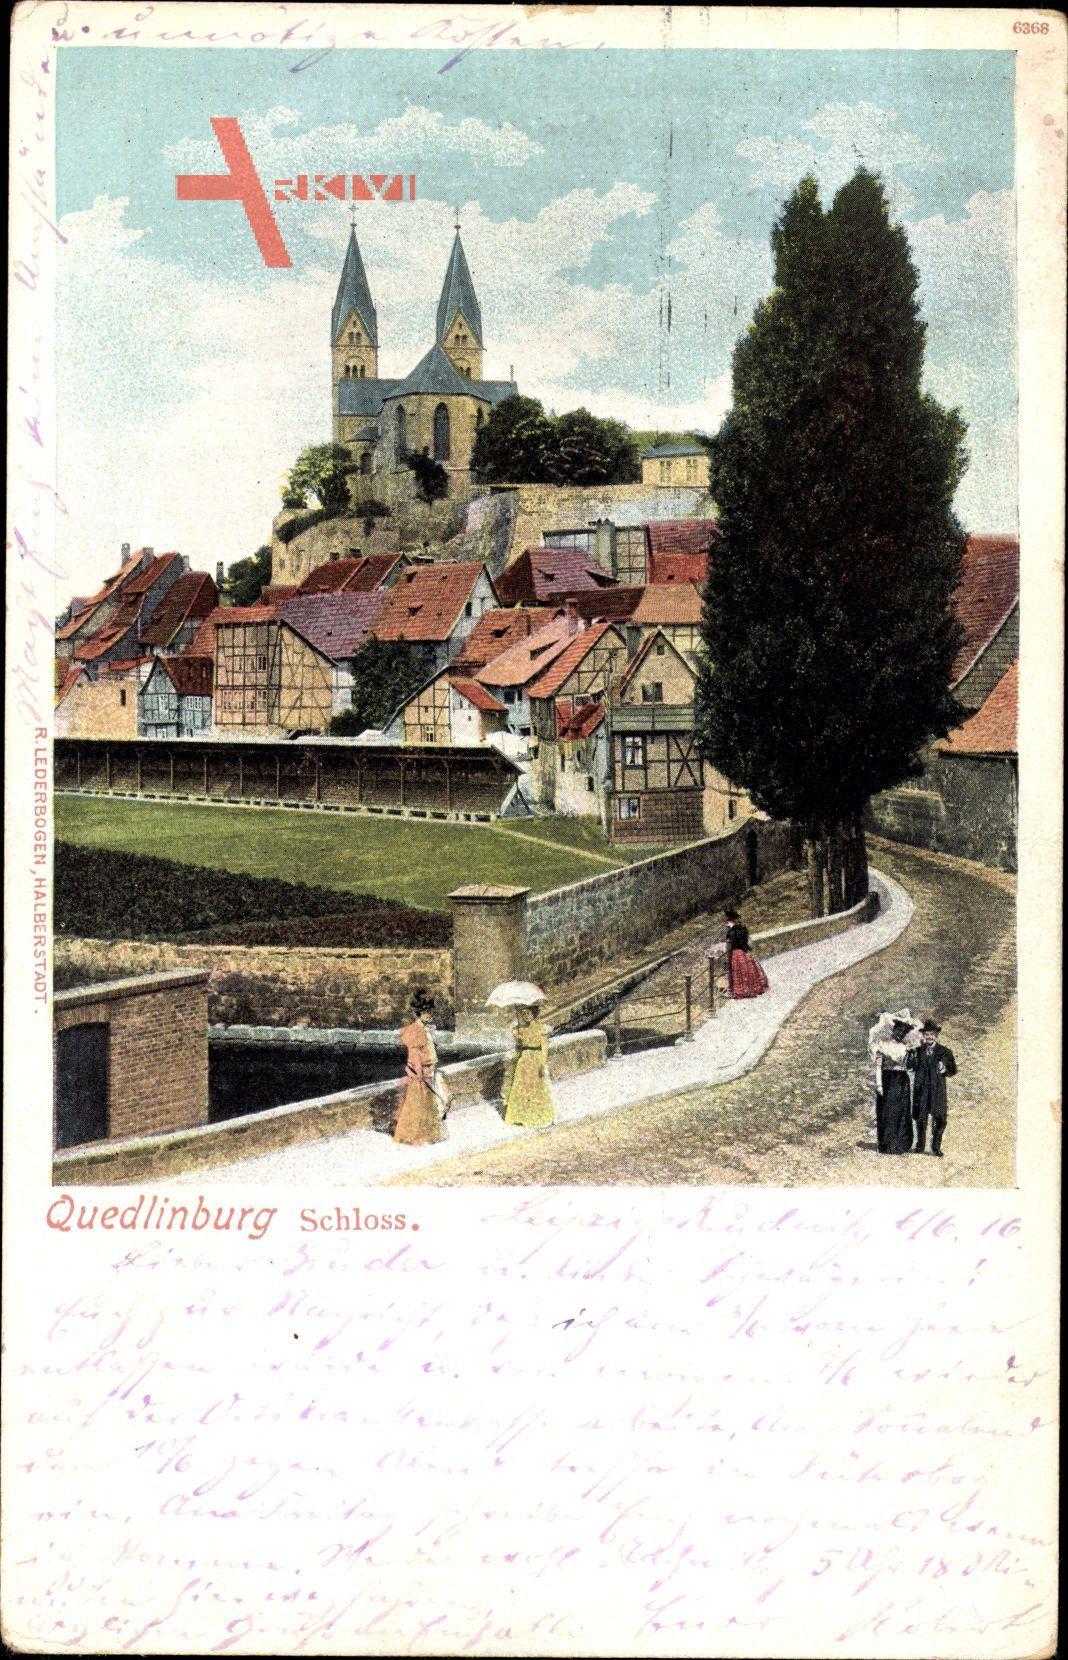 Quedlinburg im Harz, Blick auf Stadt und Schloss, Personen